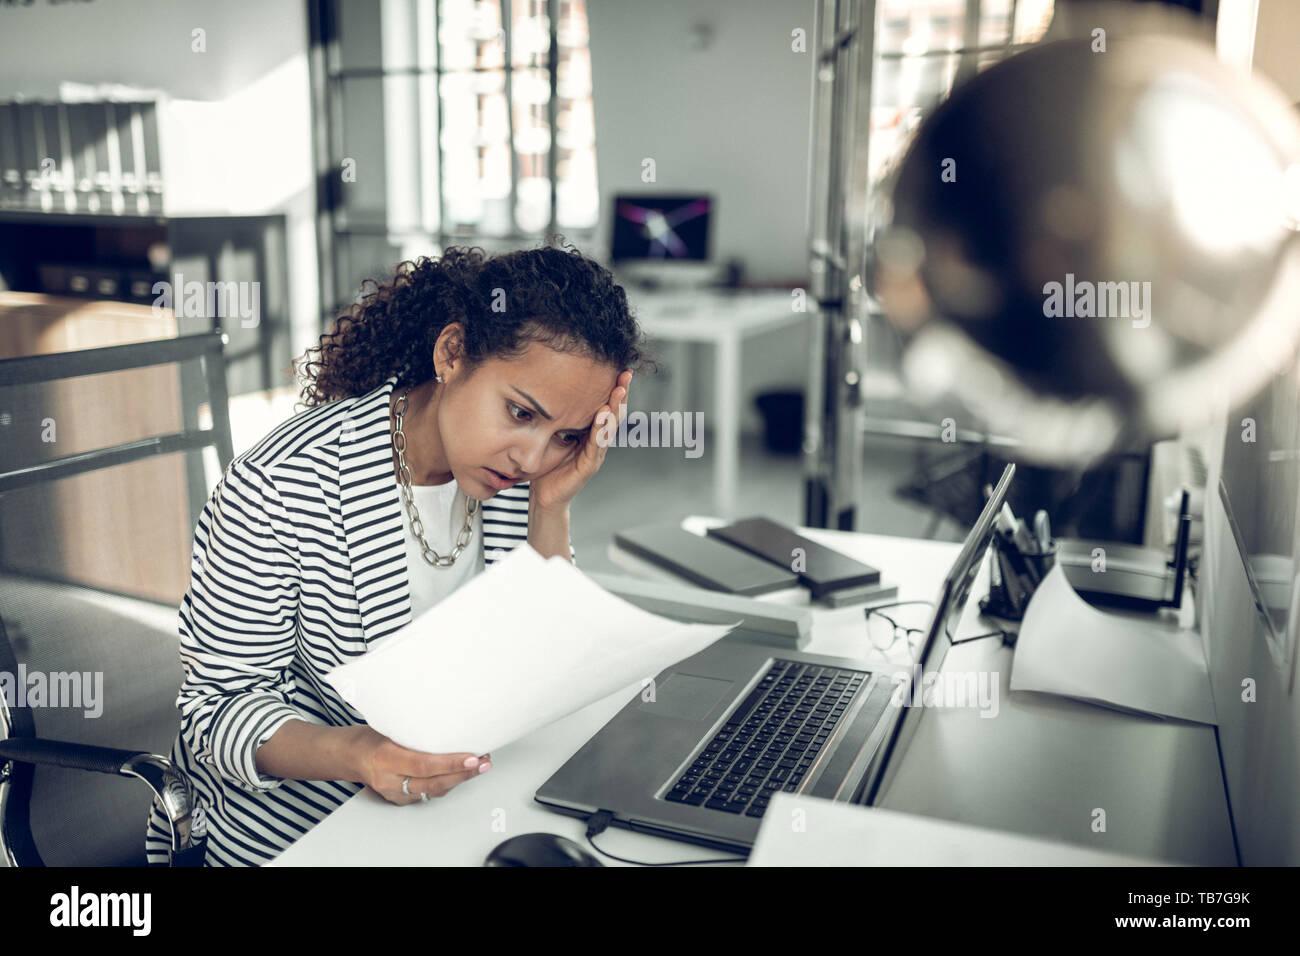 Stagiaire ayant des maux de tête tout en ayant trop de travail Banque D'Images